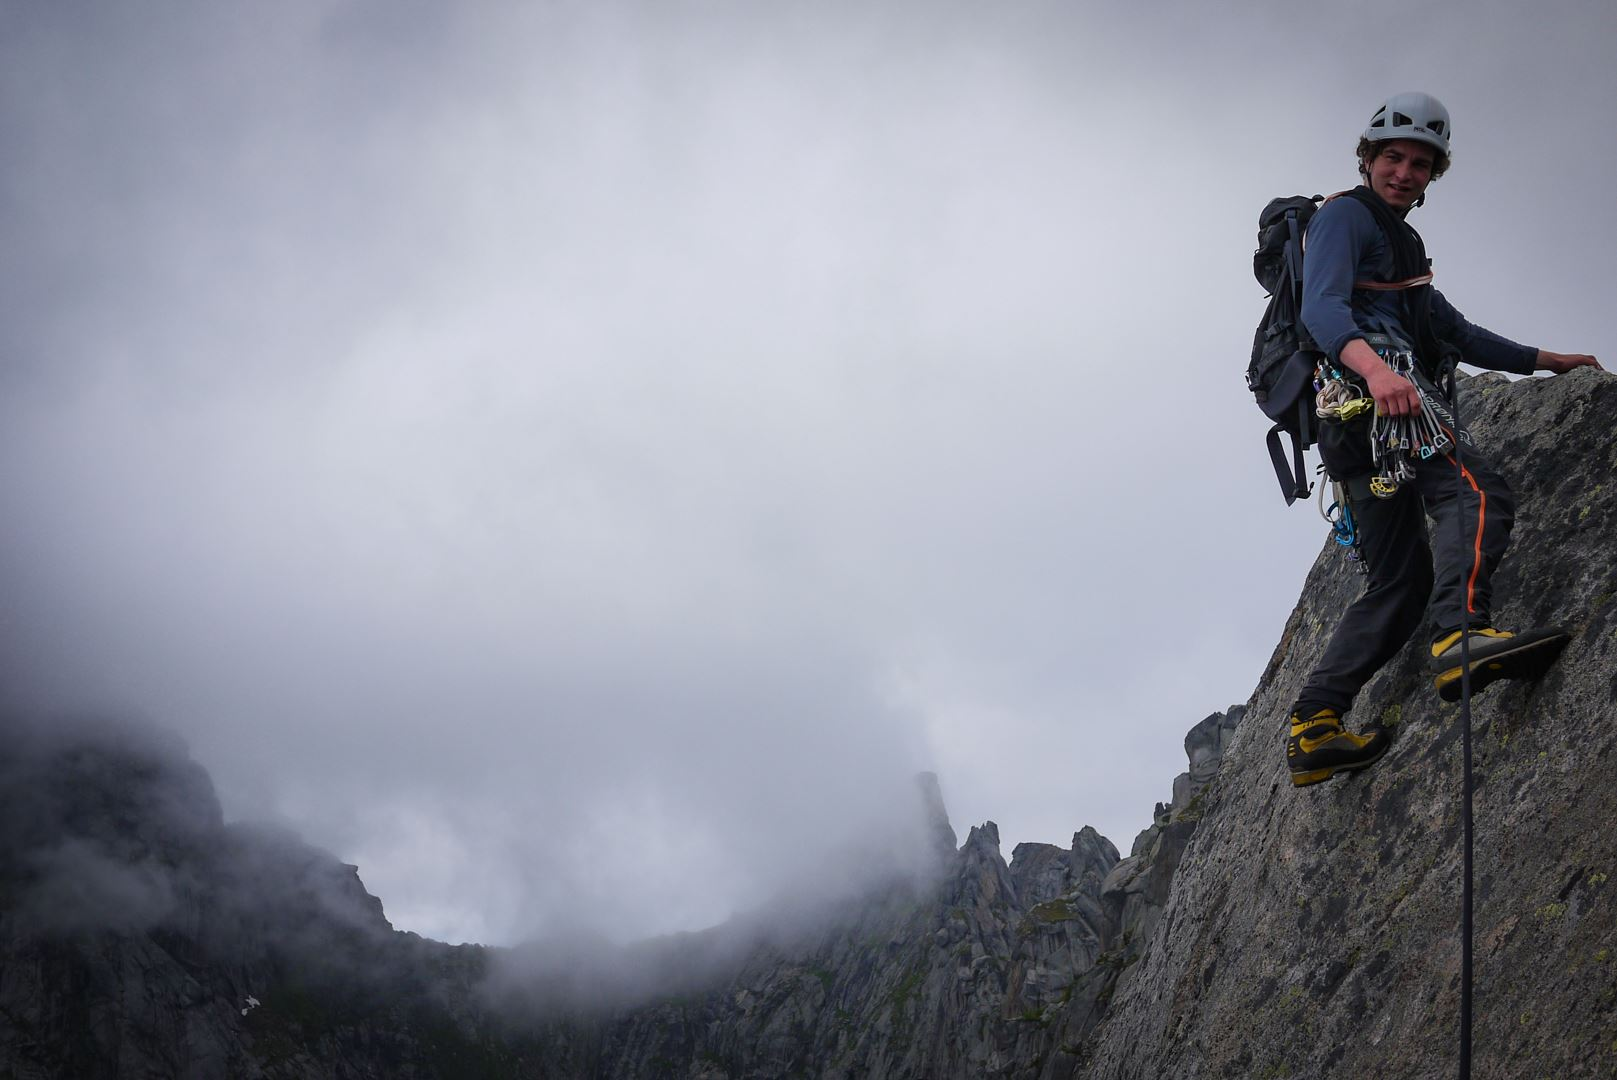 © Northern Alpine guides, Lofoten Ridge Lines - Northern Alpine guides